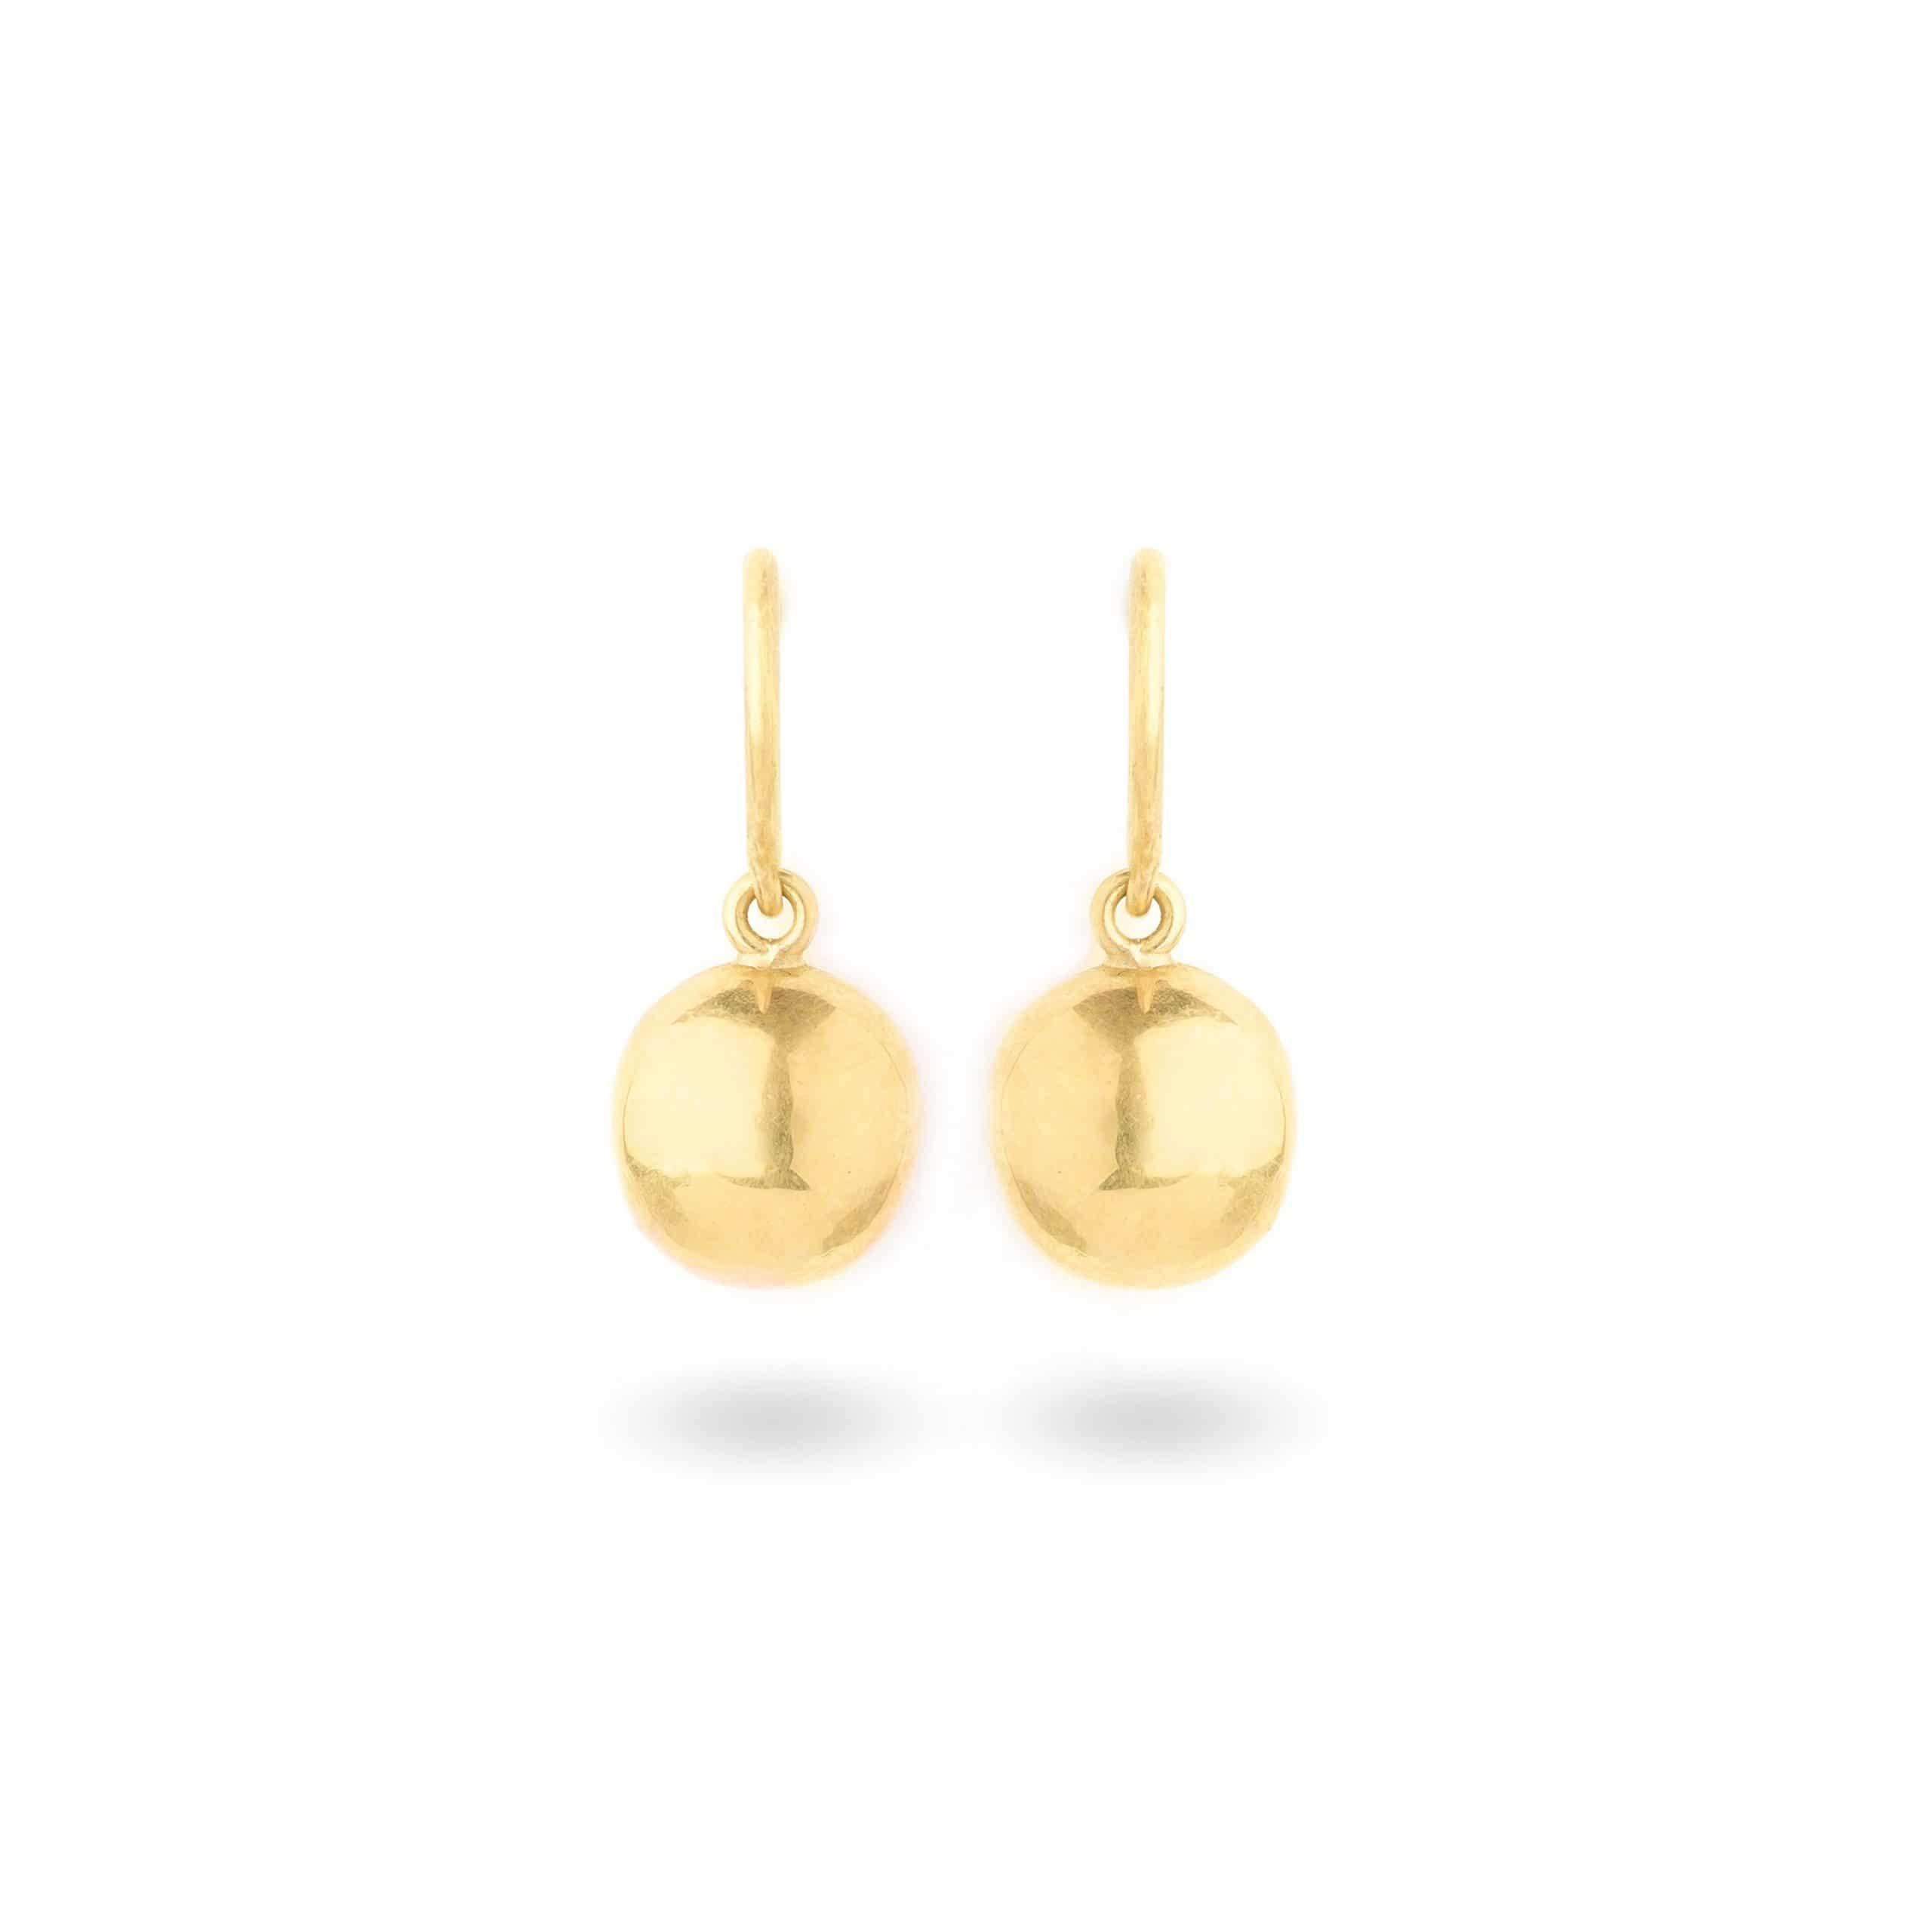 Boucles d'oreilles boules d'or